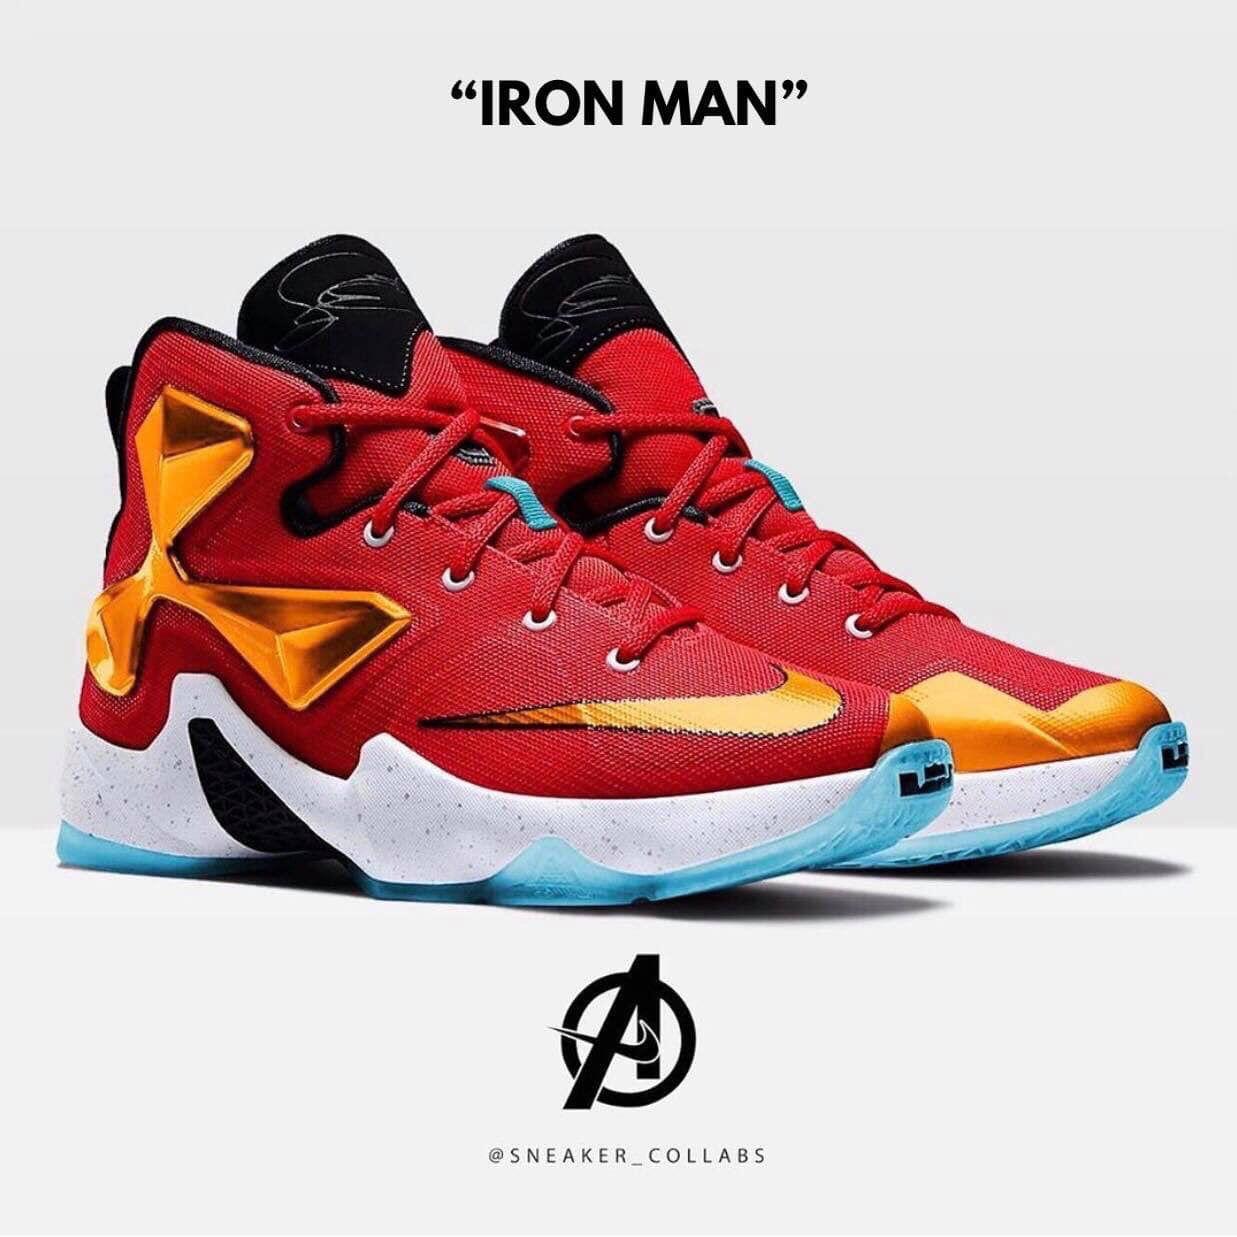 Nike x Avengers Iron Man | Marvel shoes